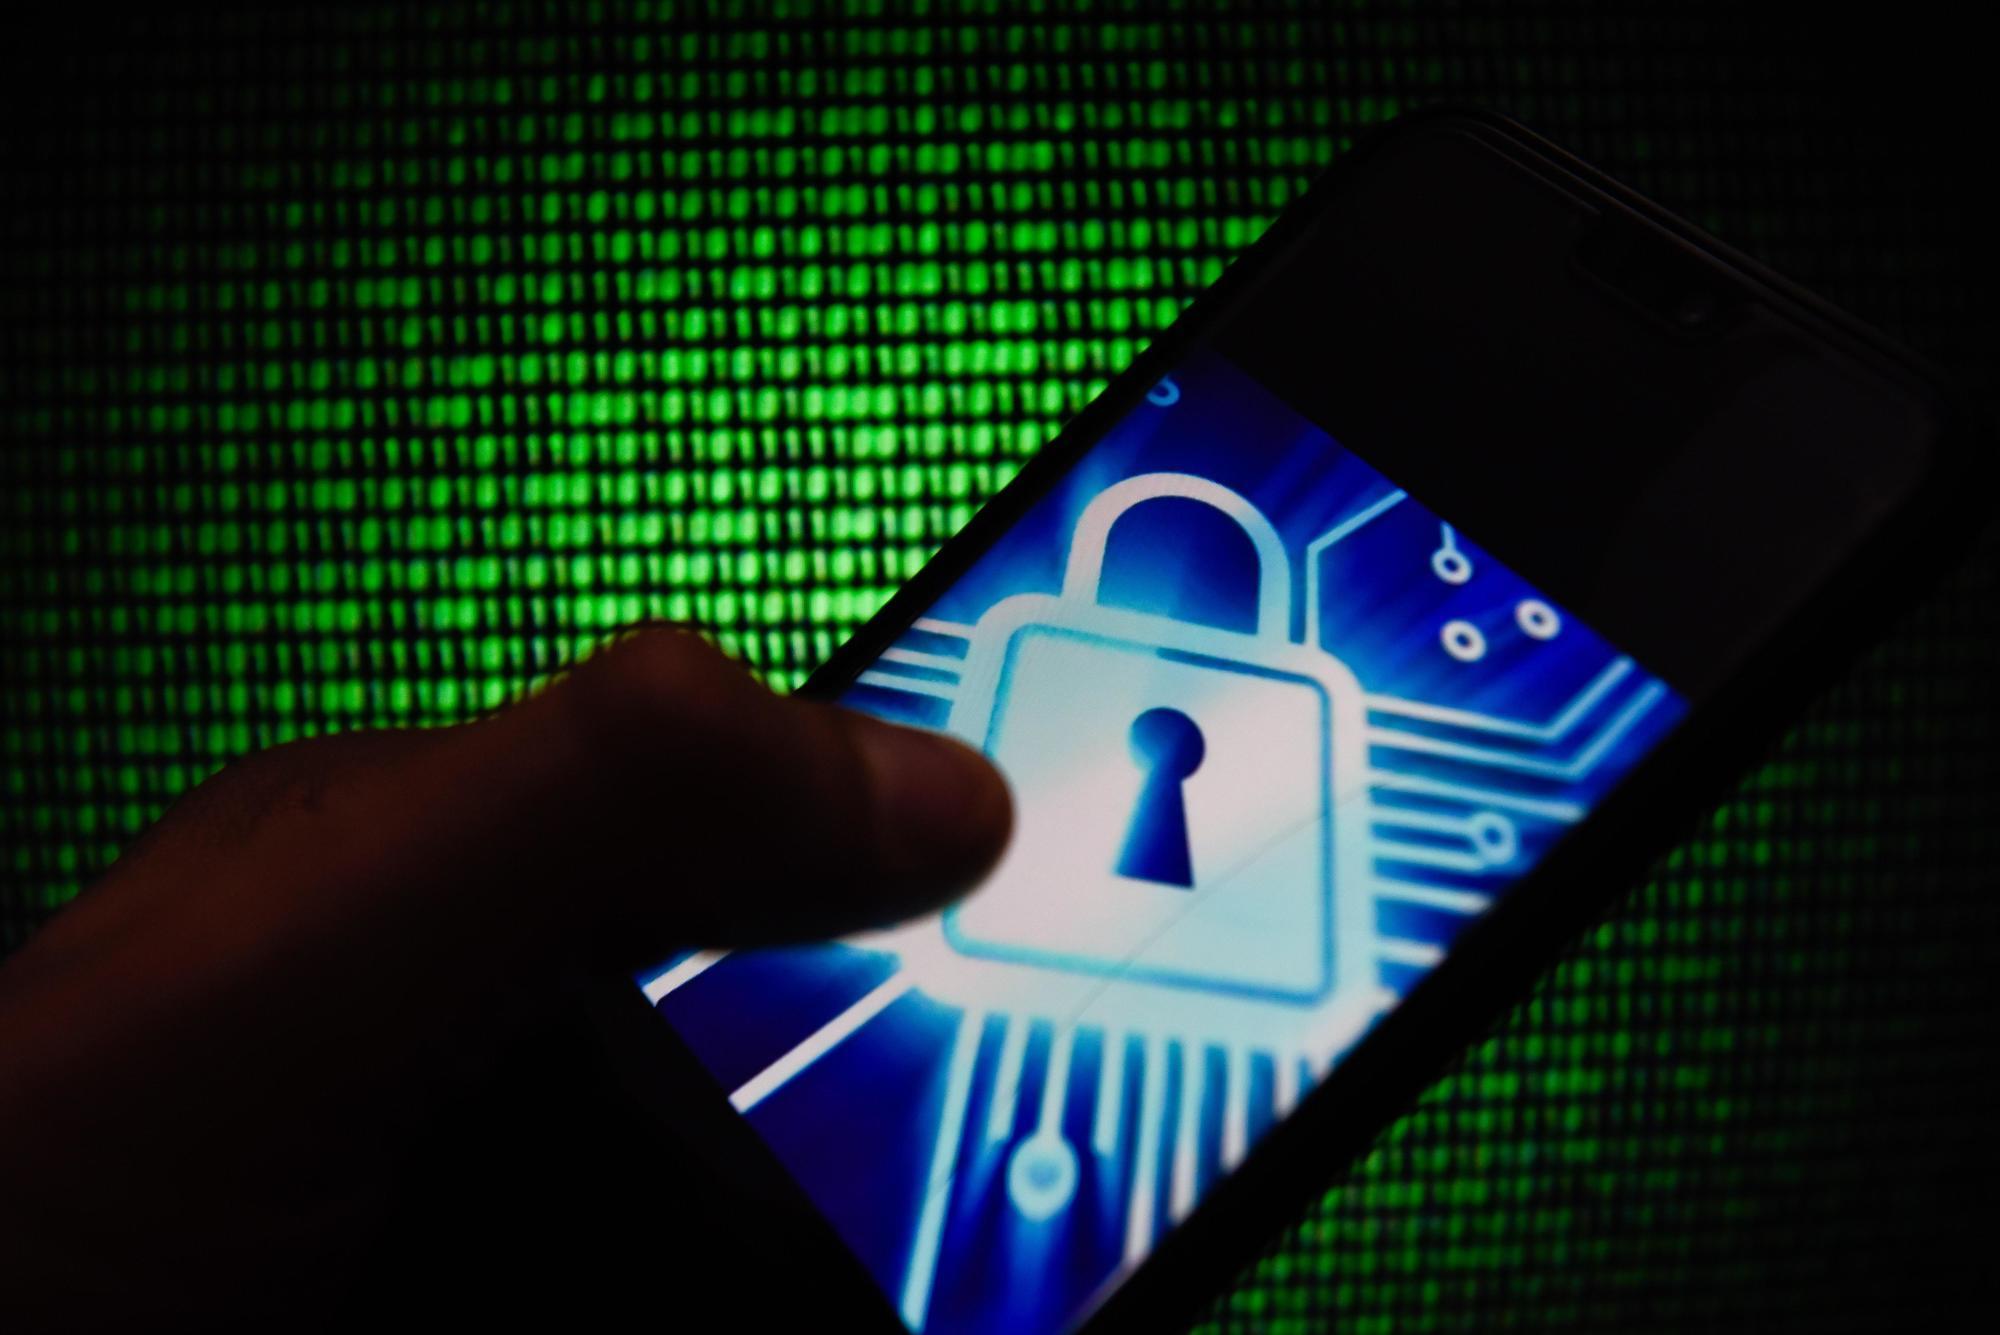 حماية الهاتف من التجسس اقرأ السوق المفتوح